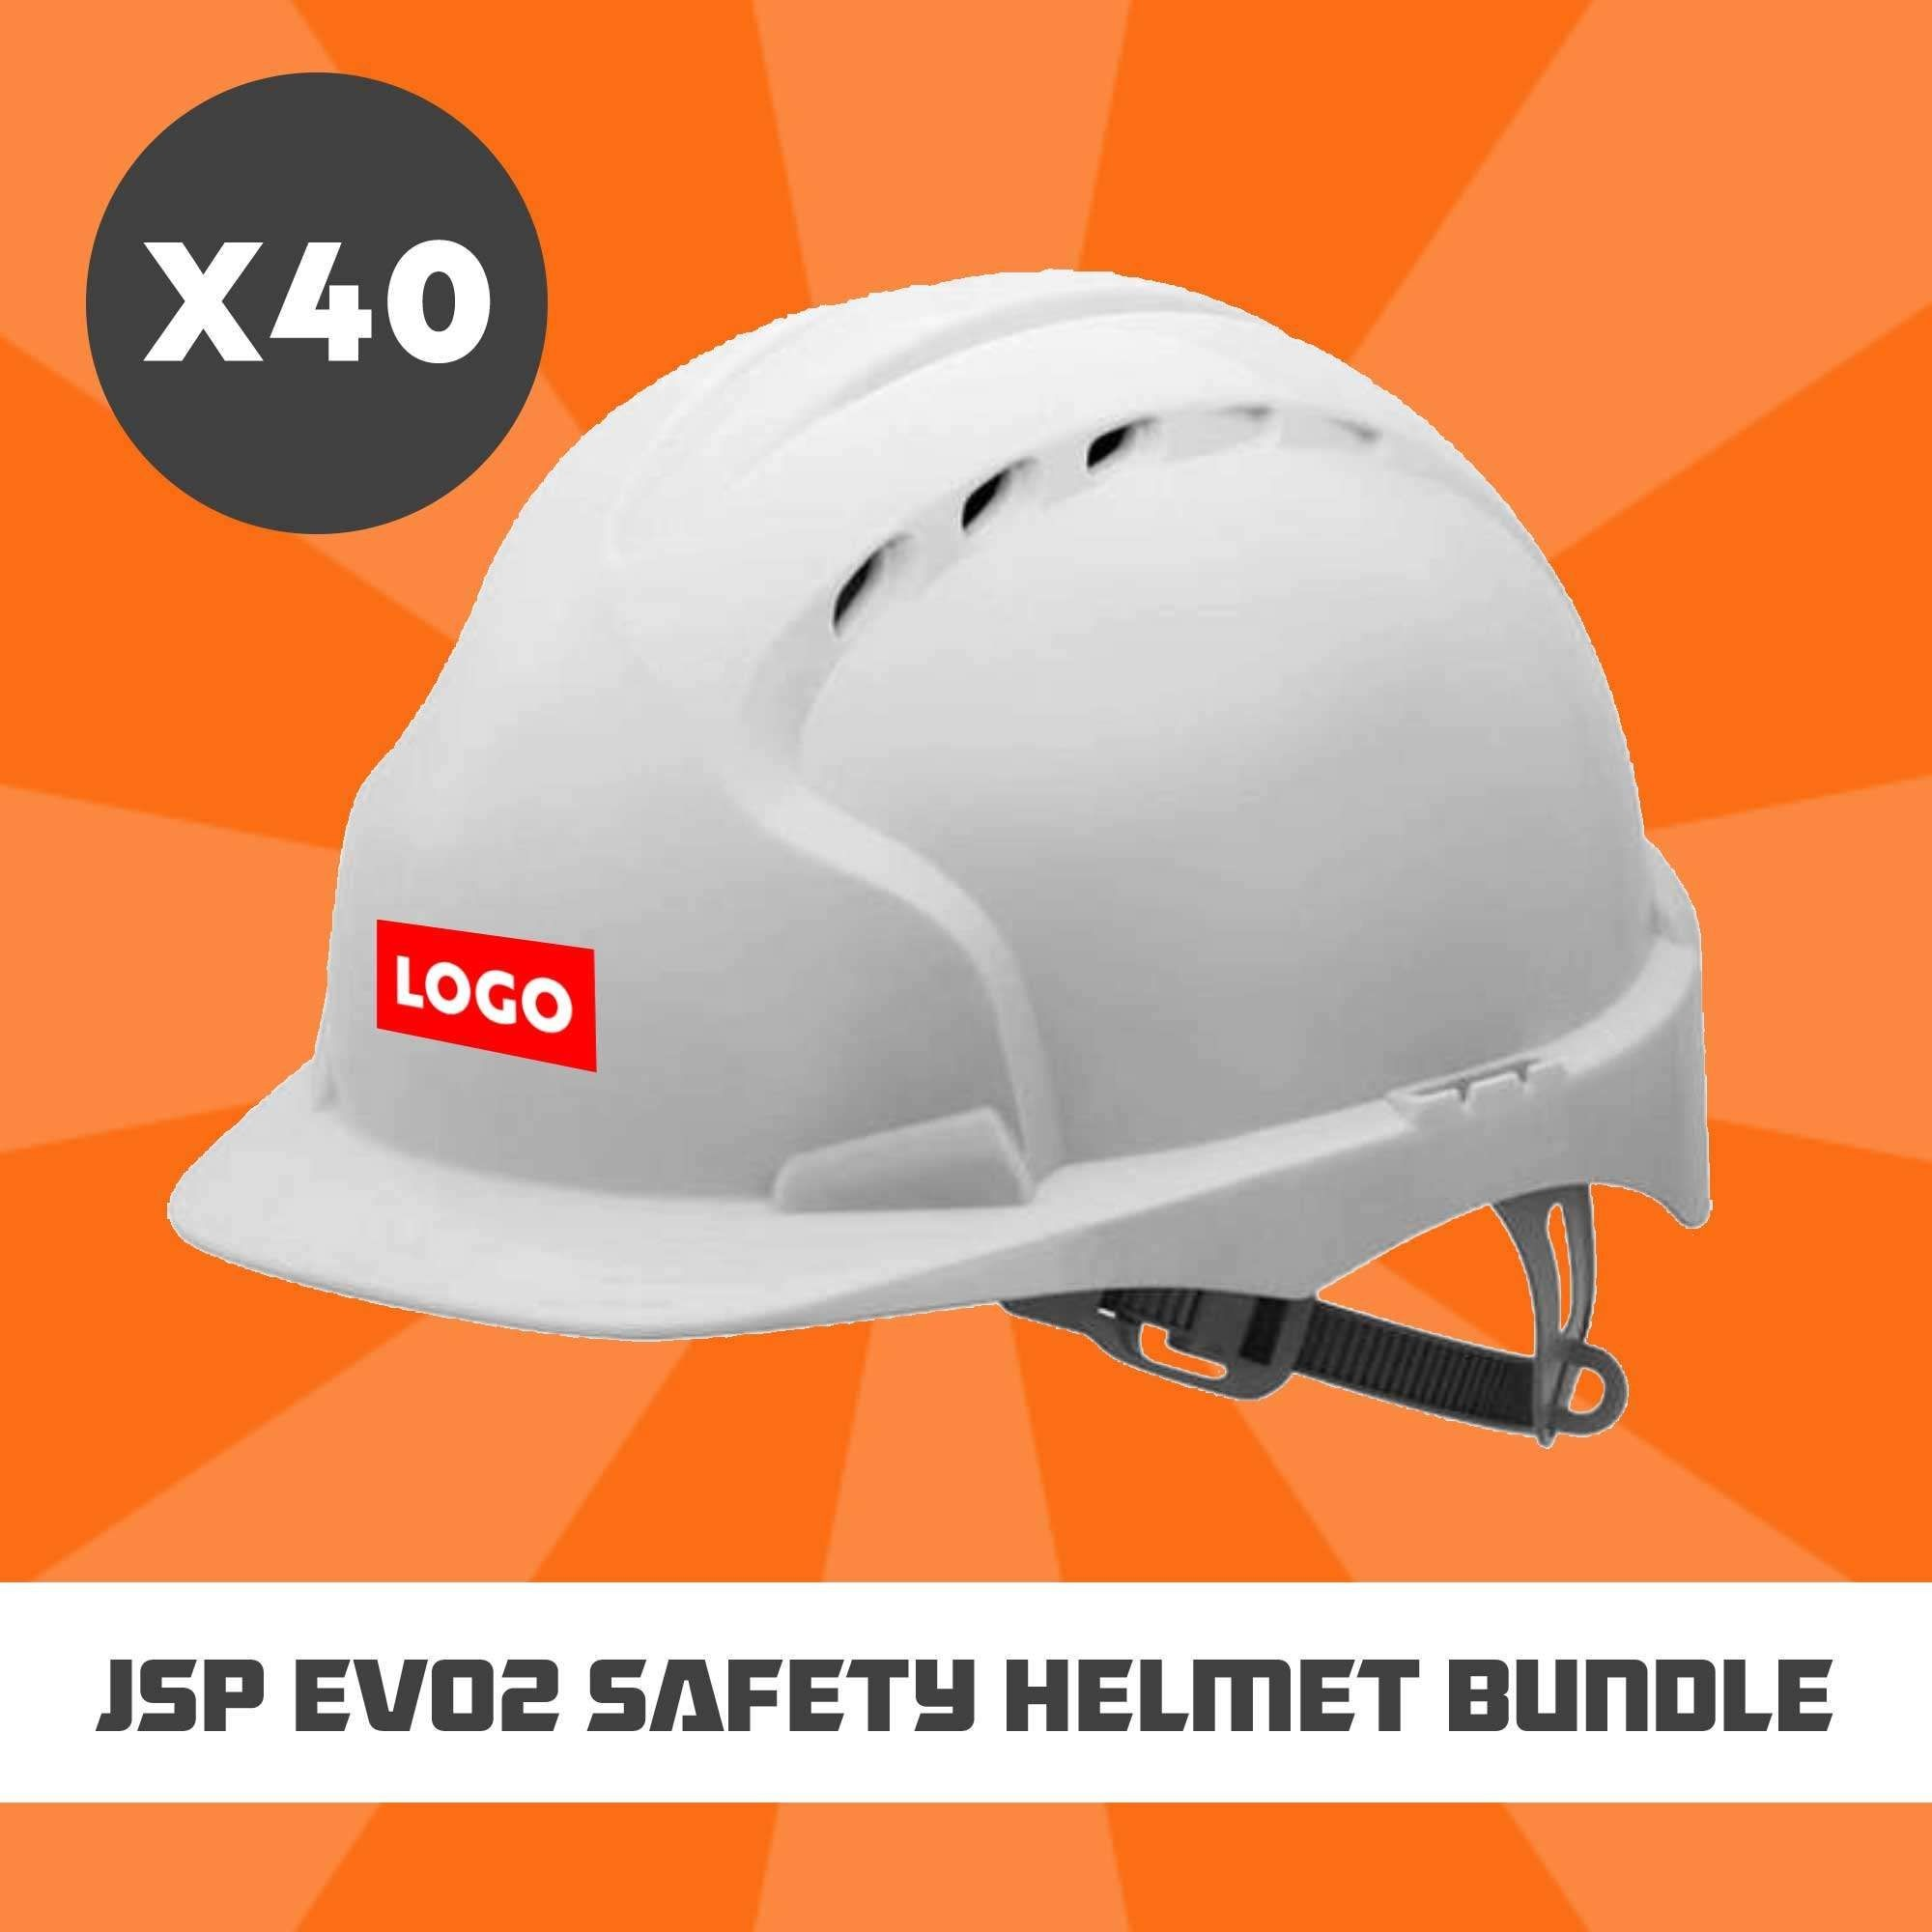 JSP Evo2 Safety Helmet Bundle